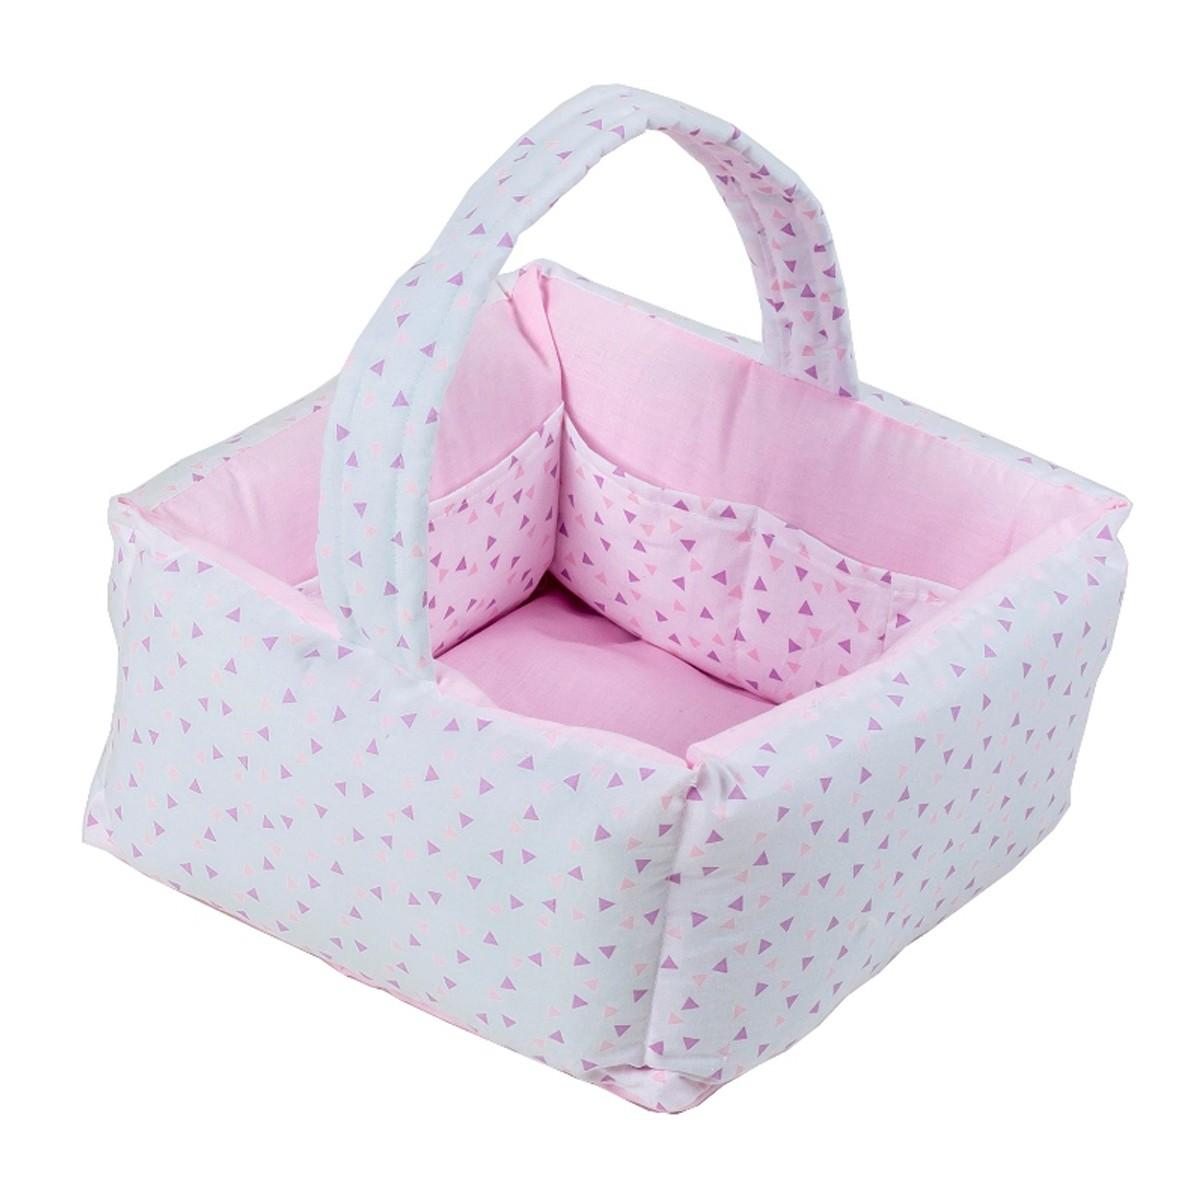 Καλαθάκι Καλλυντικών Κόσμος Του Μωρού Home 0794 Ροζ